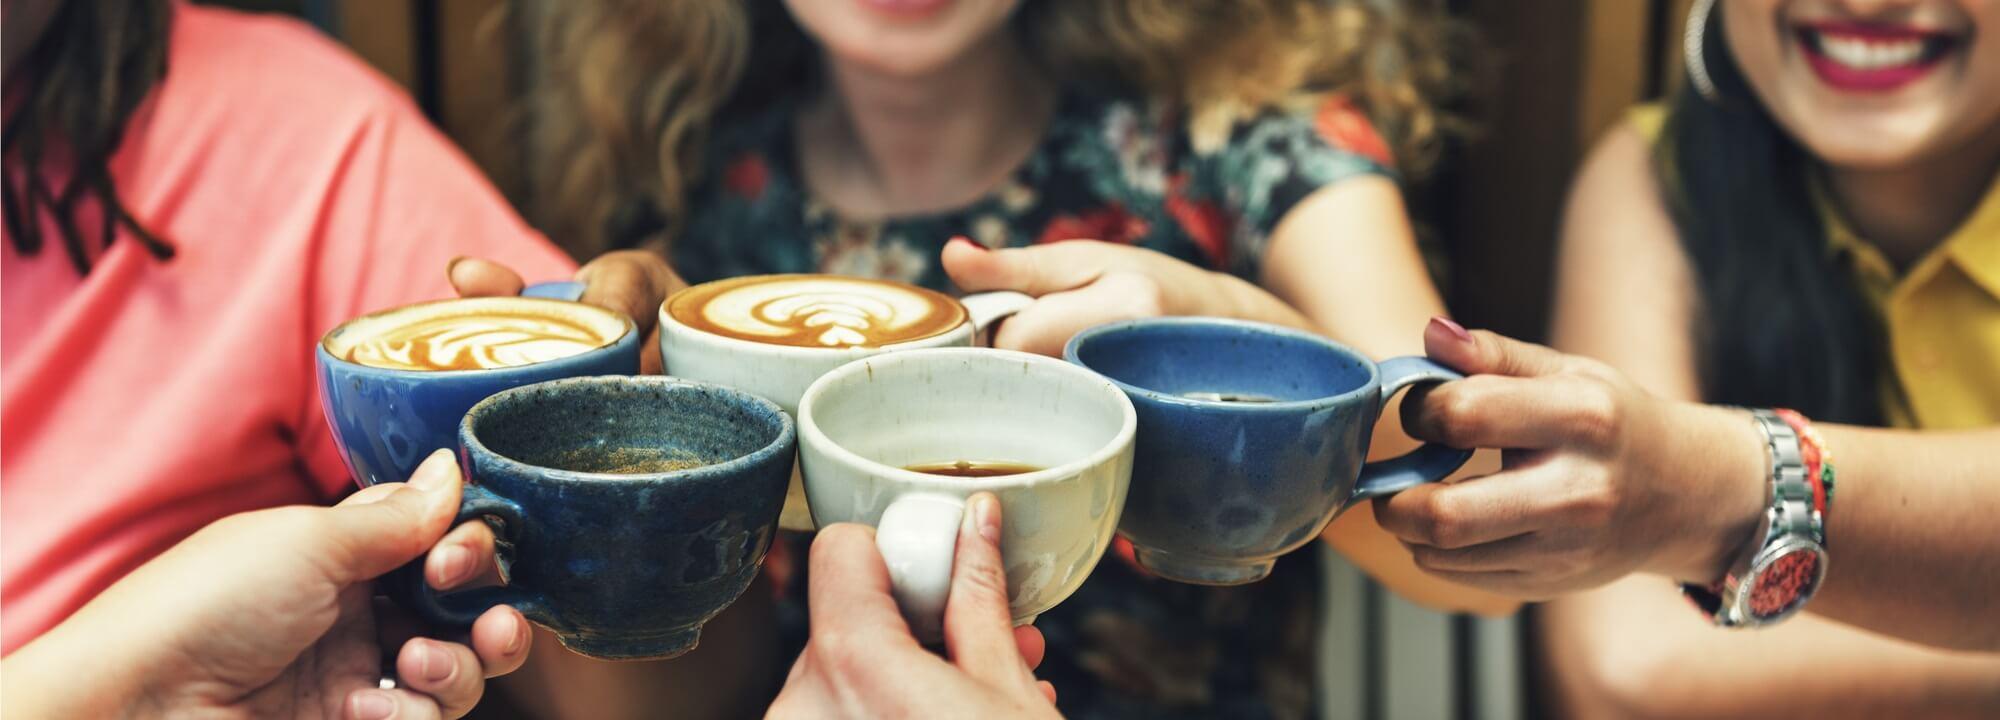 Přátelé s šálky kávy